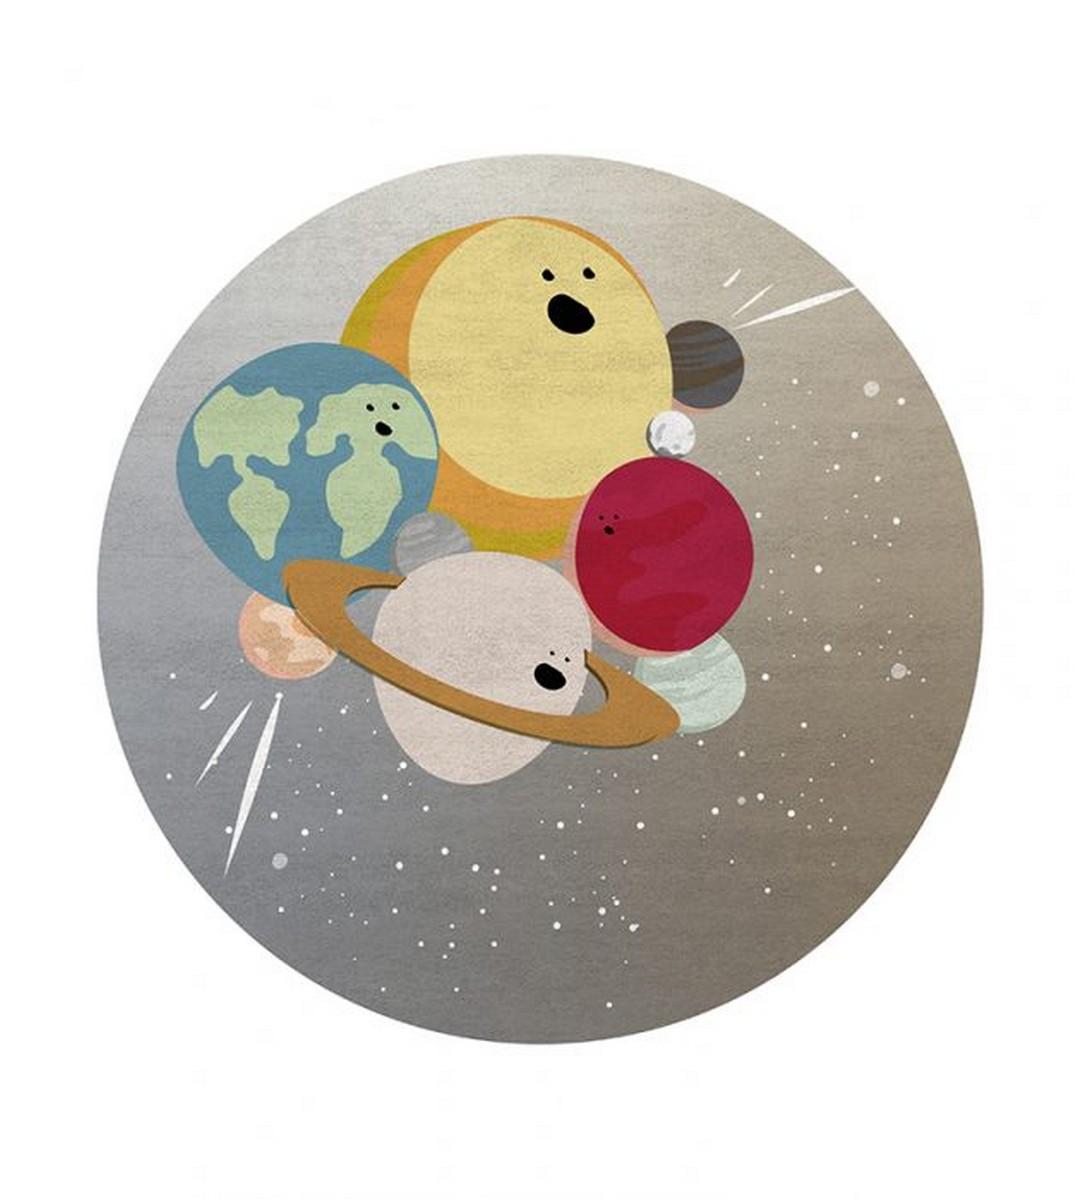 Diseño para niños: Nuevas Alfombras Mágicas por Circu diseño para niños Diseño para niños: Nuevas Alfombras Mágicas por Circu iv planets round rug circu magical furniture 2